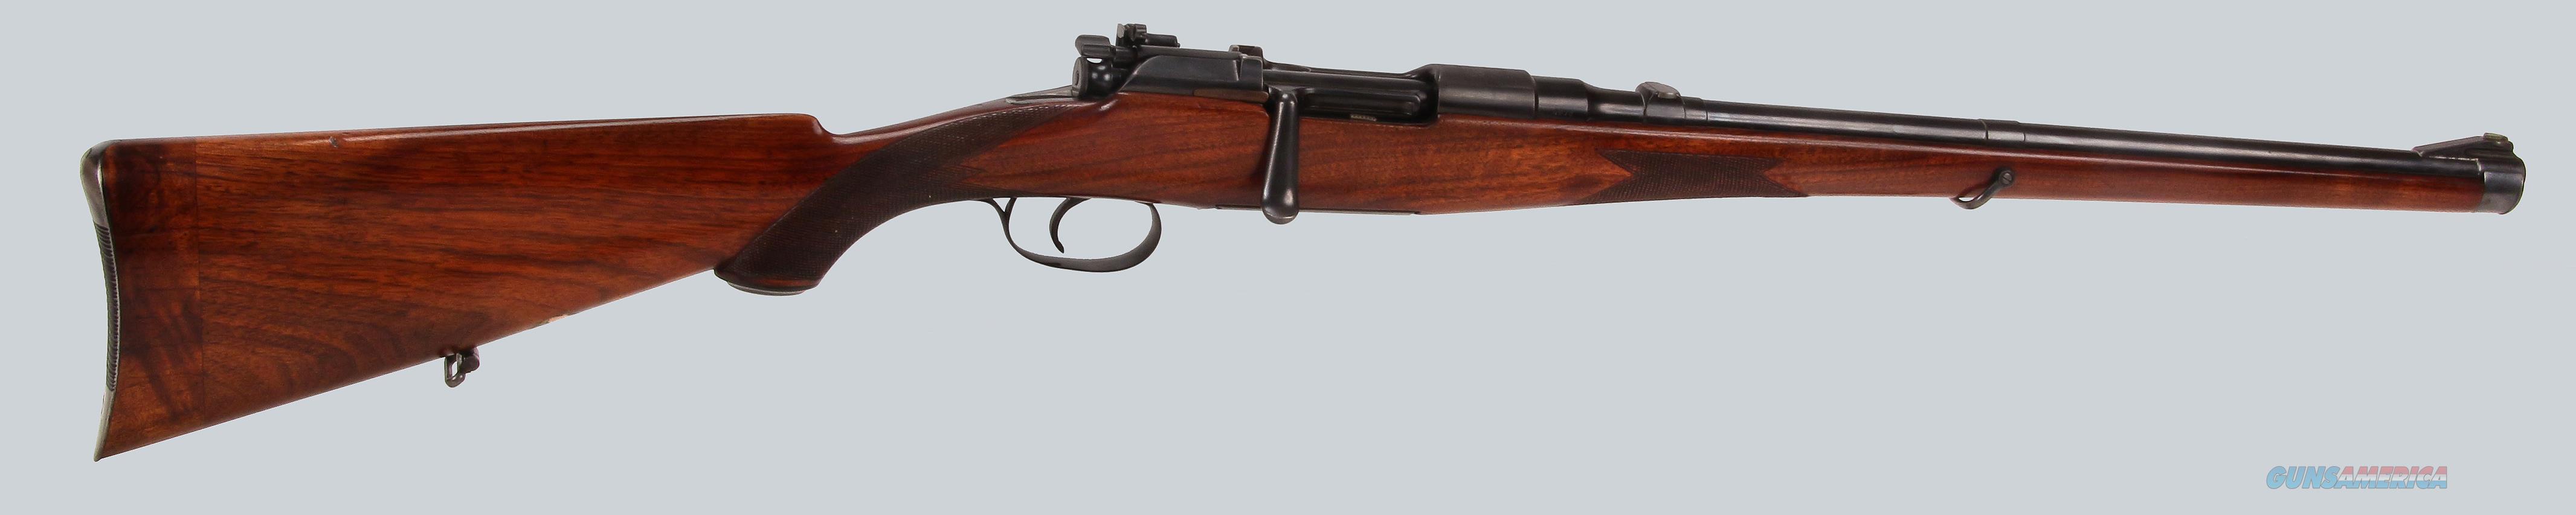 Mannlicher Schoenauer Bolt Action 9X57R Rifle Model 1905  Guns > Rifles > Mannlicher-Schoenauer Rifles